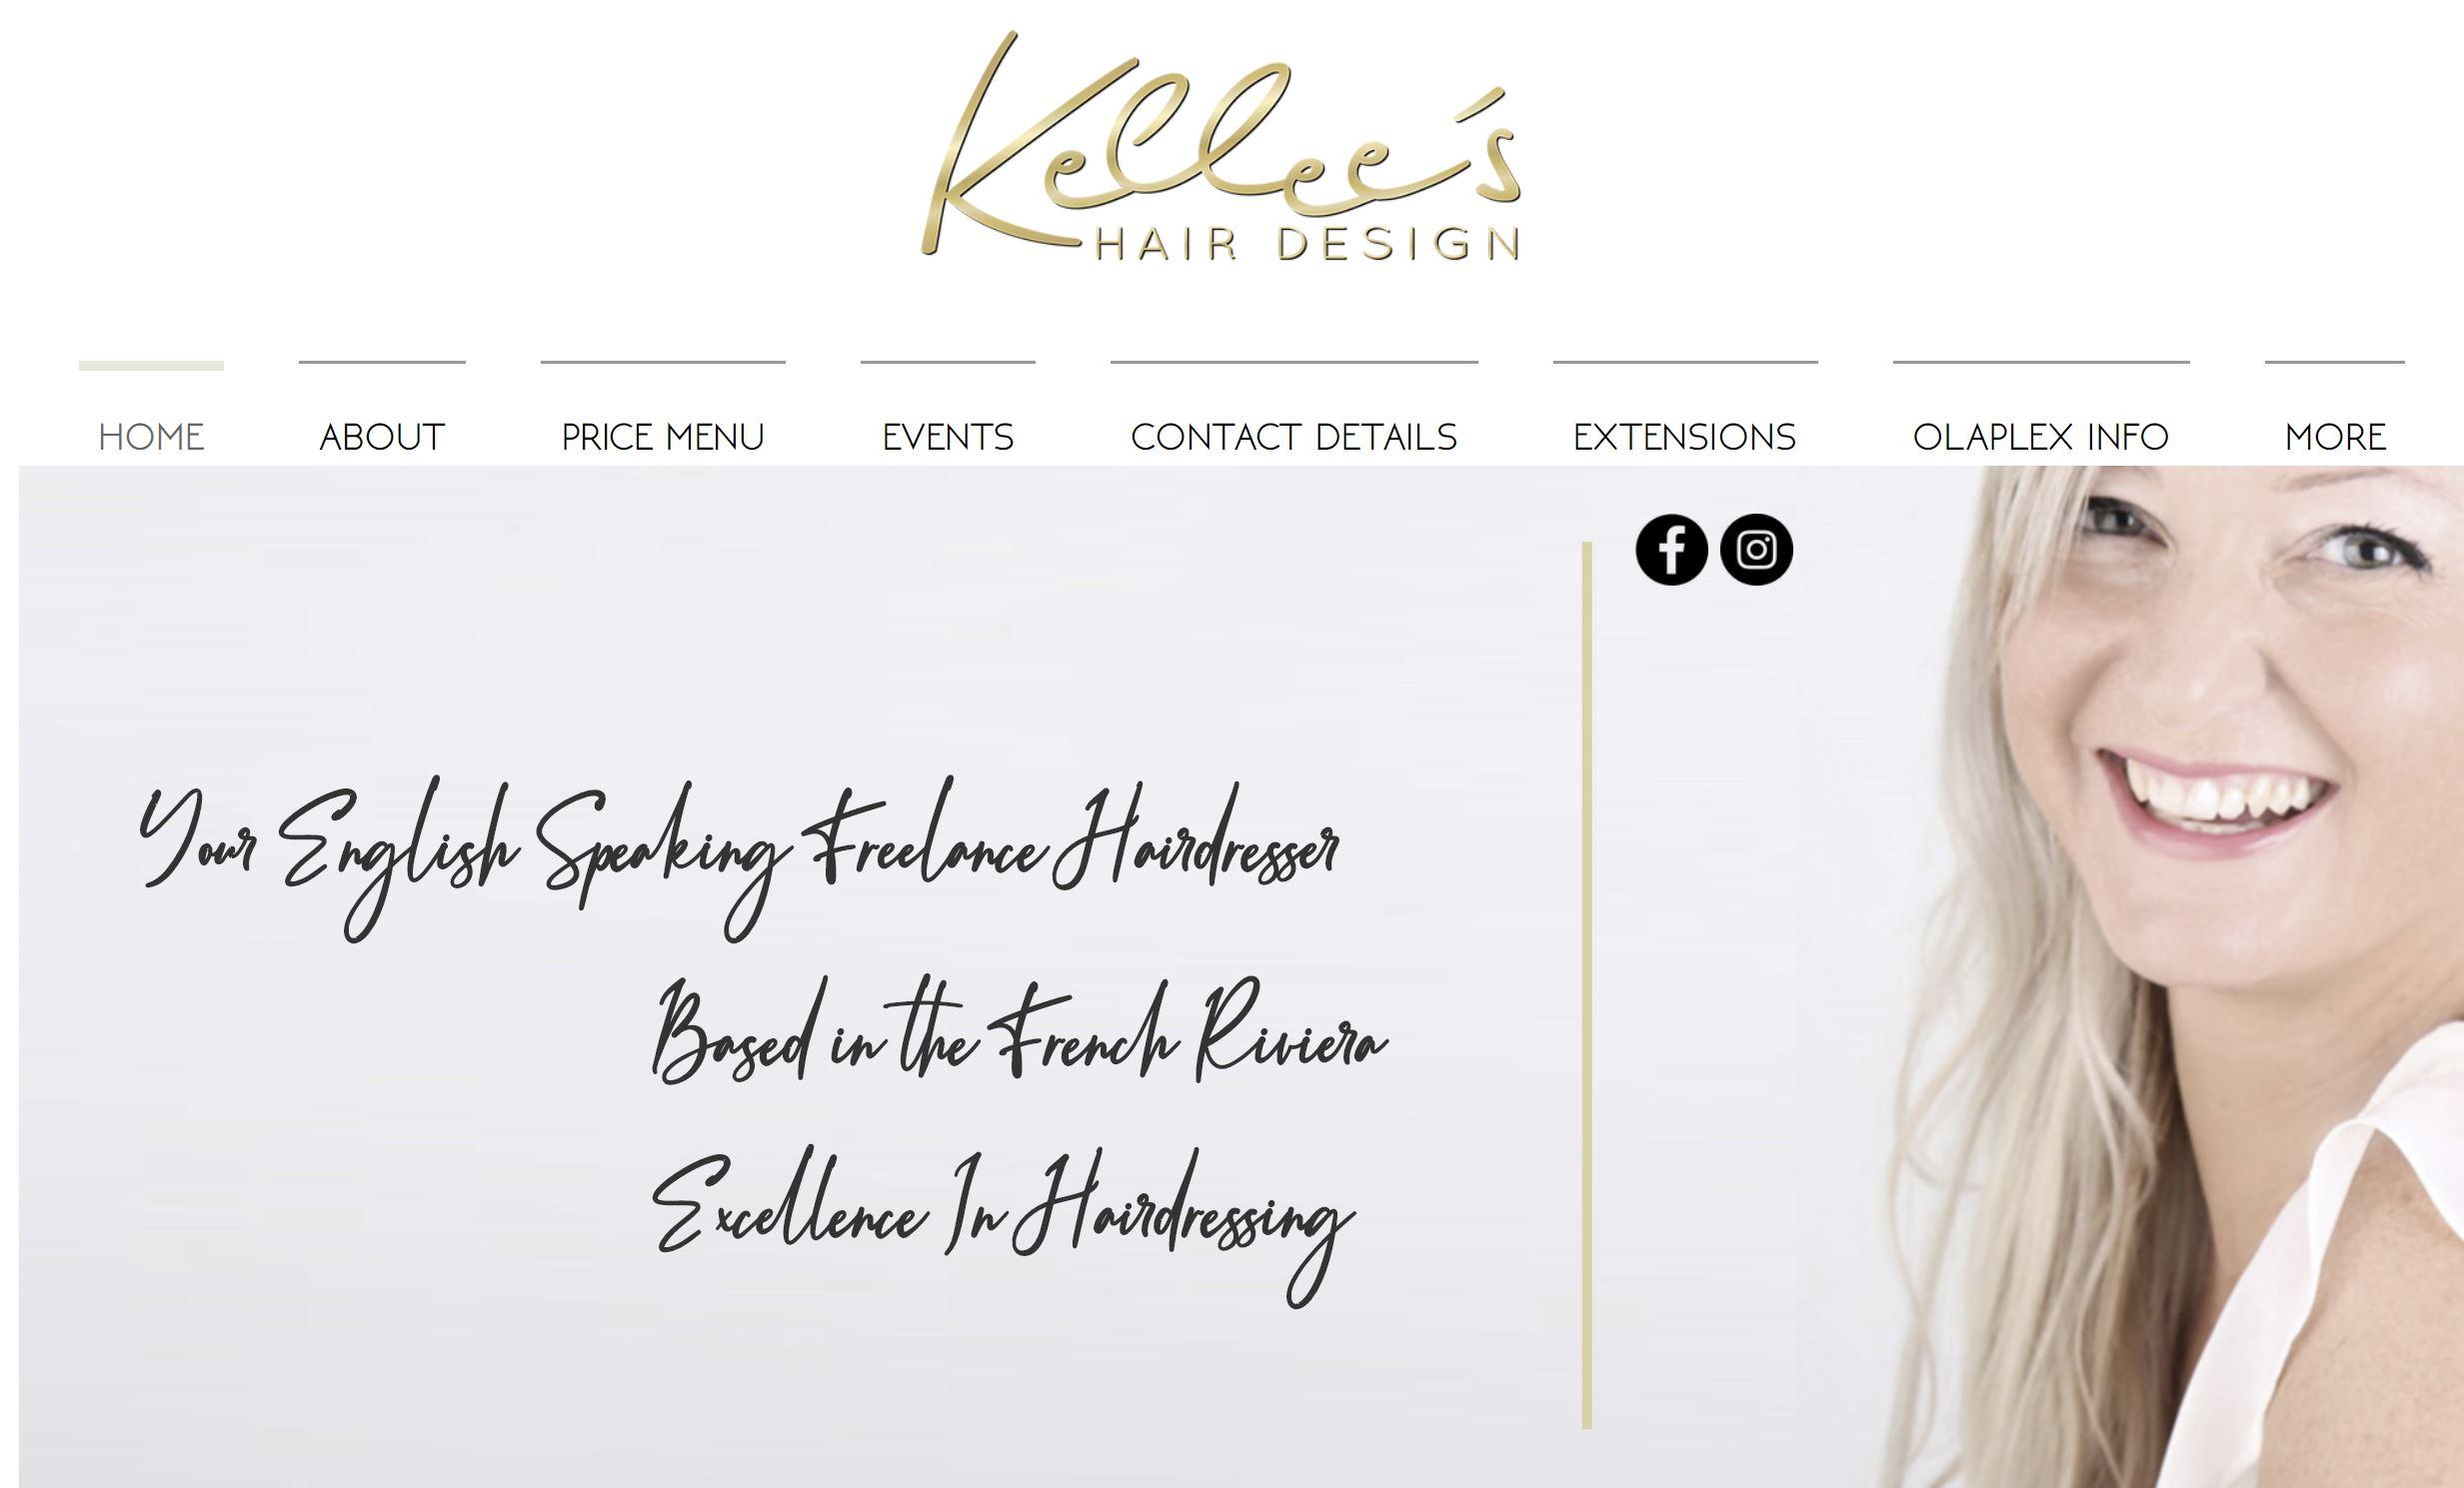 Kellee's Hair Design